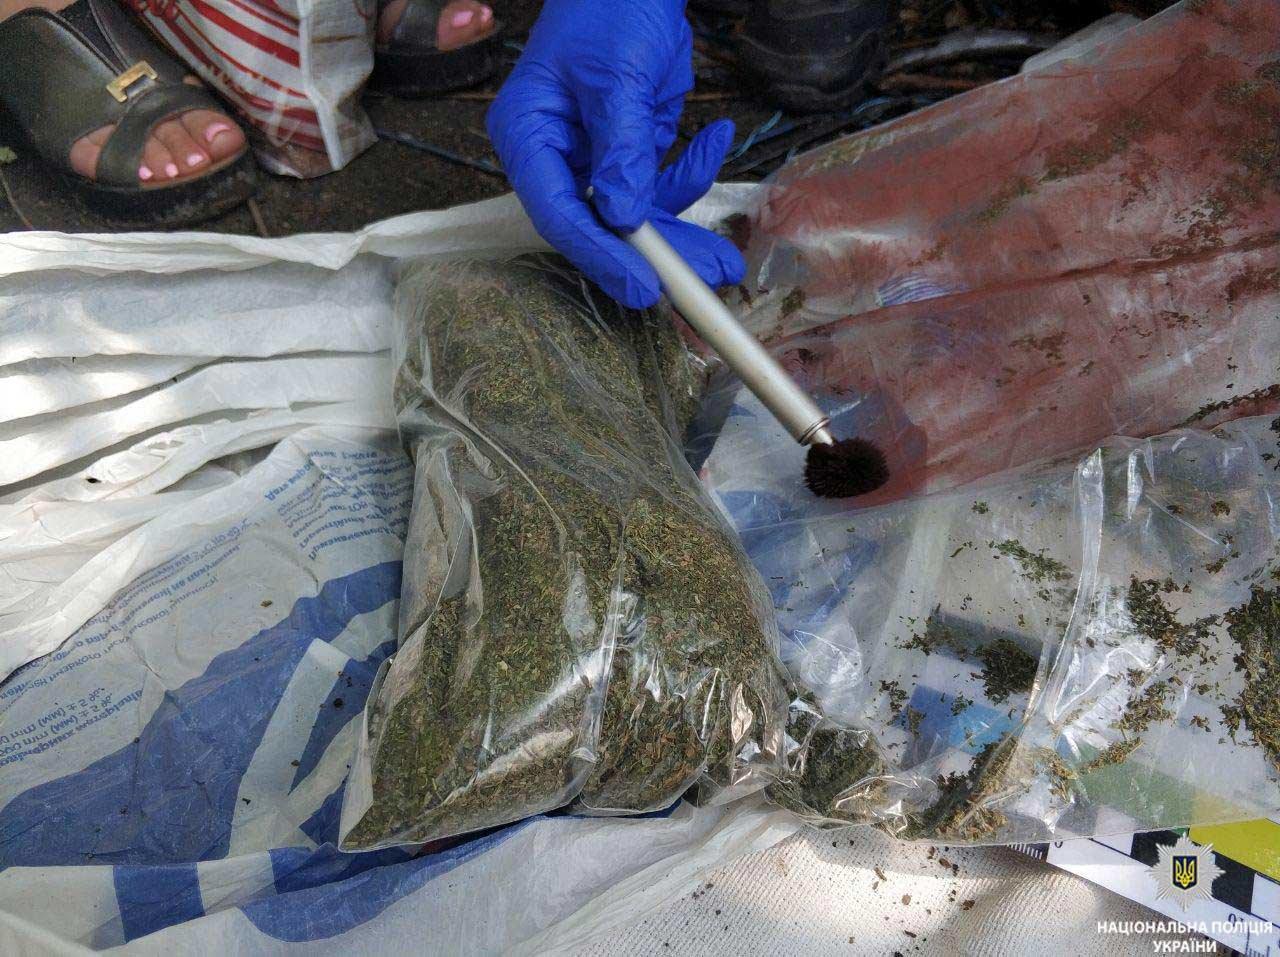 В гараже криворожанина полицейские обнаружили арсенал оружия и наркотики, - ФОТО, фото-1